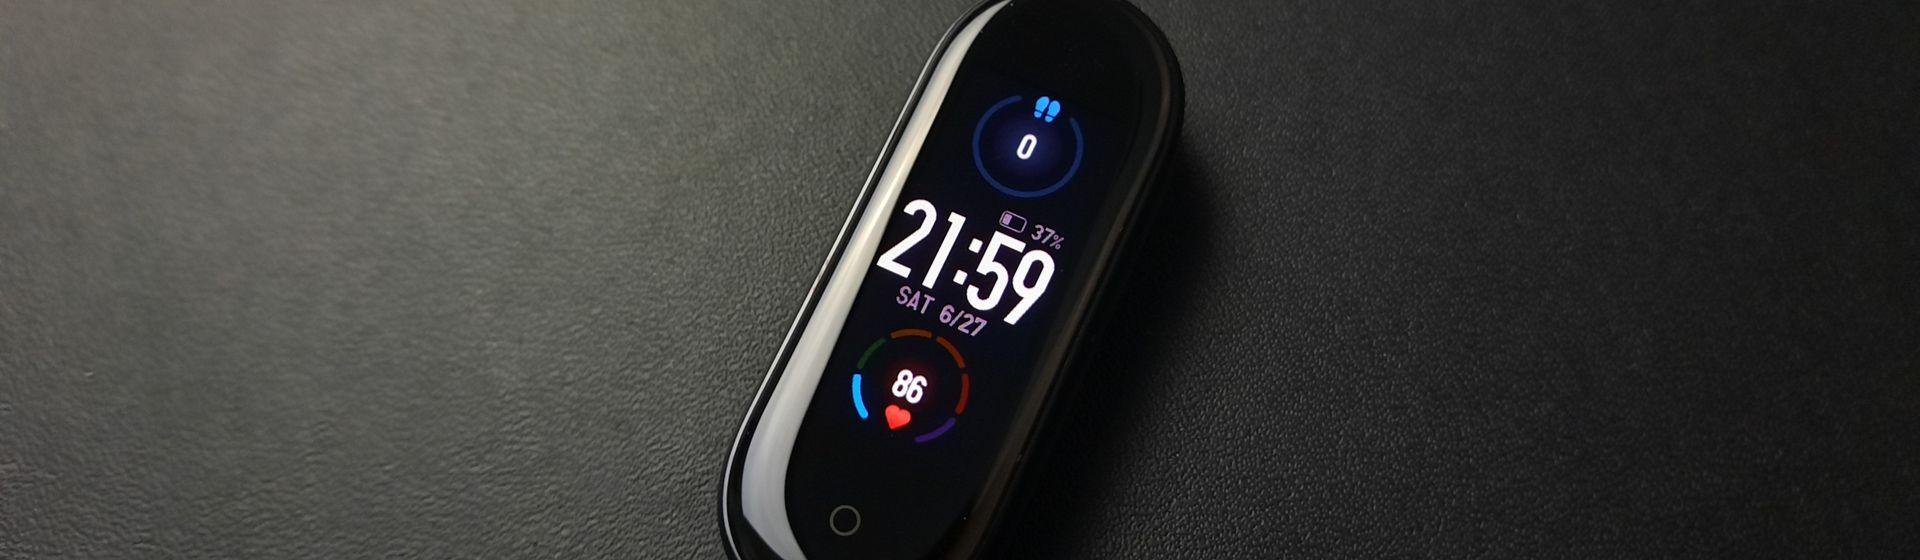 Smartbands mais vendidas de maio de 2021